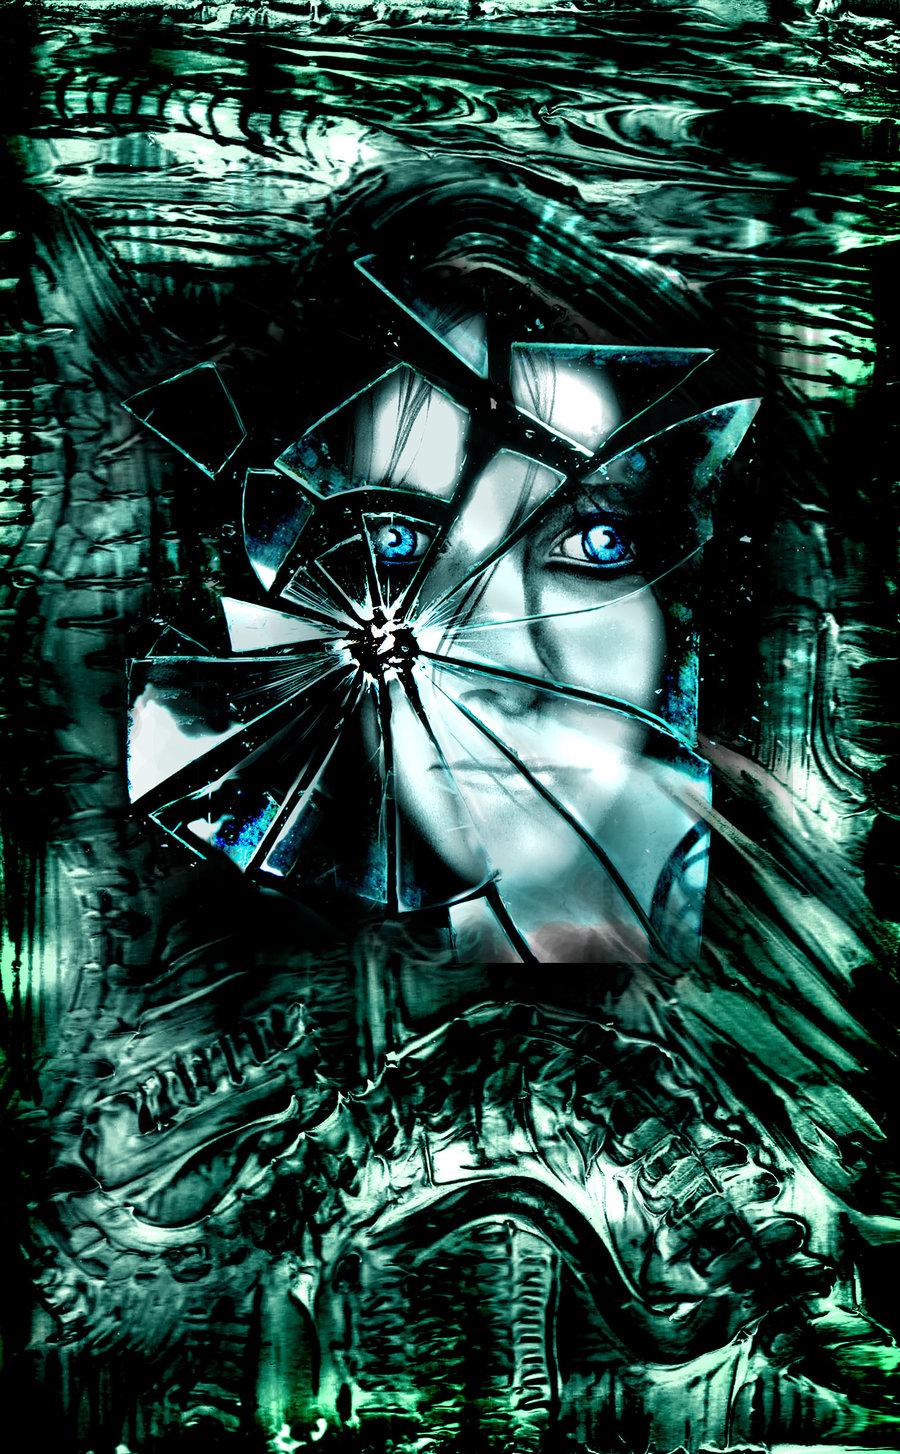 Biomechanical HD Wallpaper - WallpaperSafari